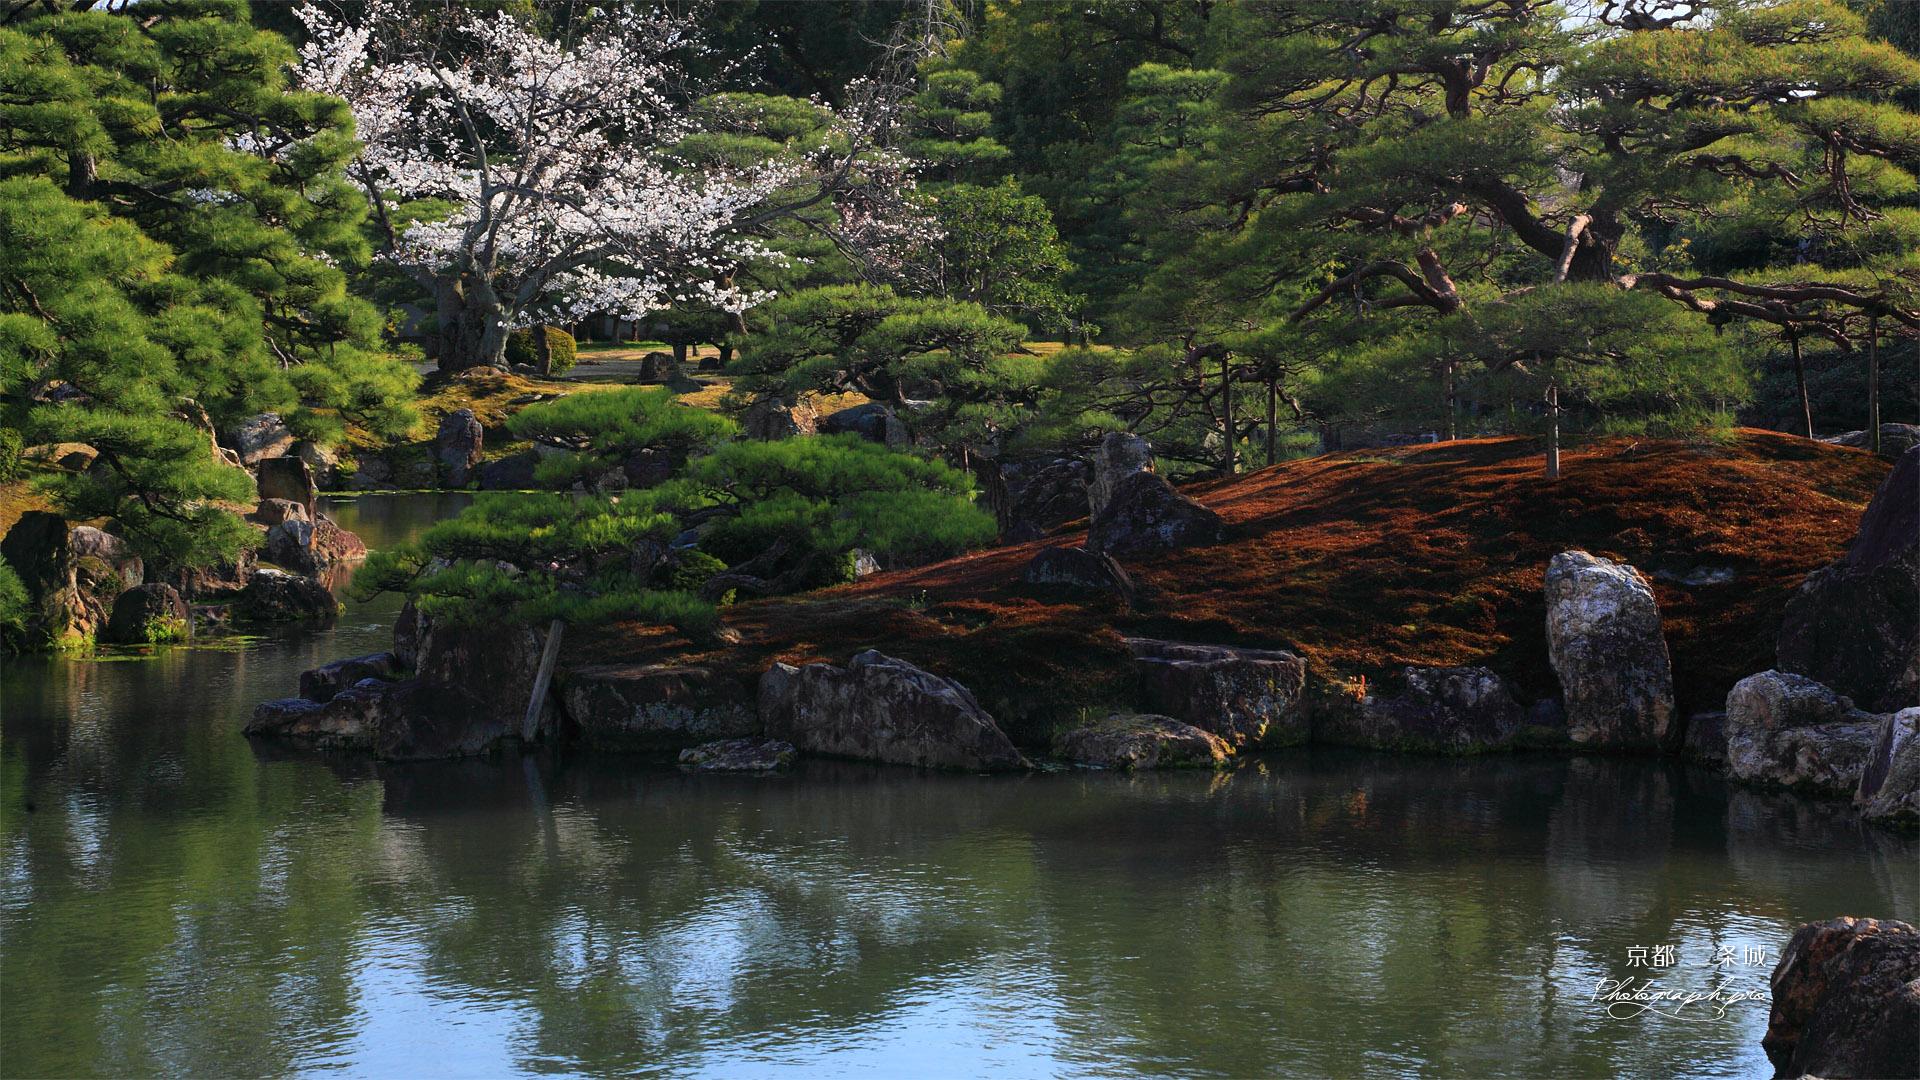 二条城 桜咲く二の丸御殿庭園